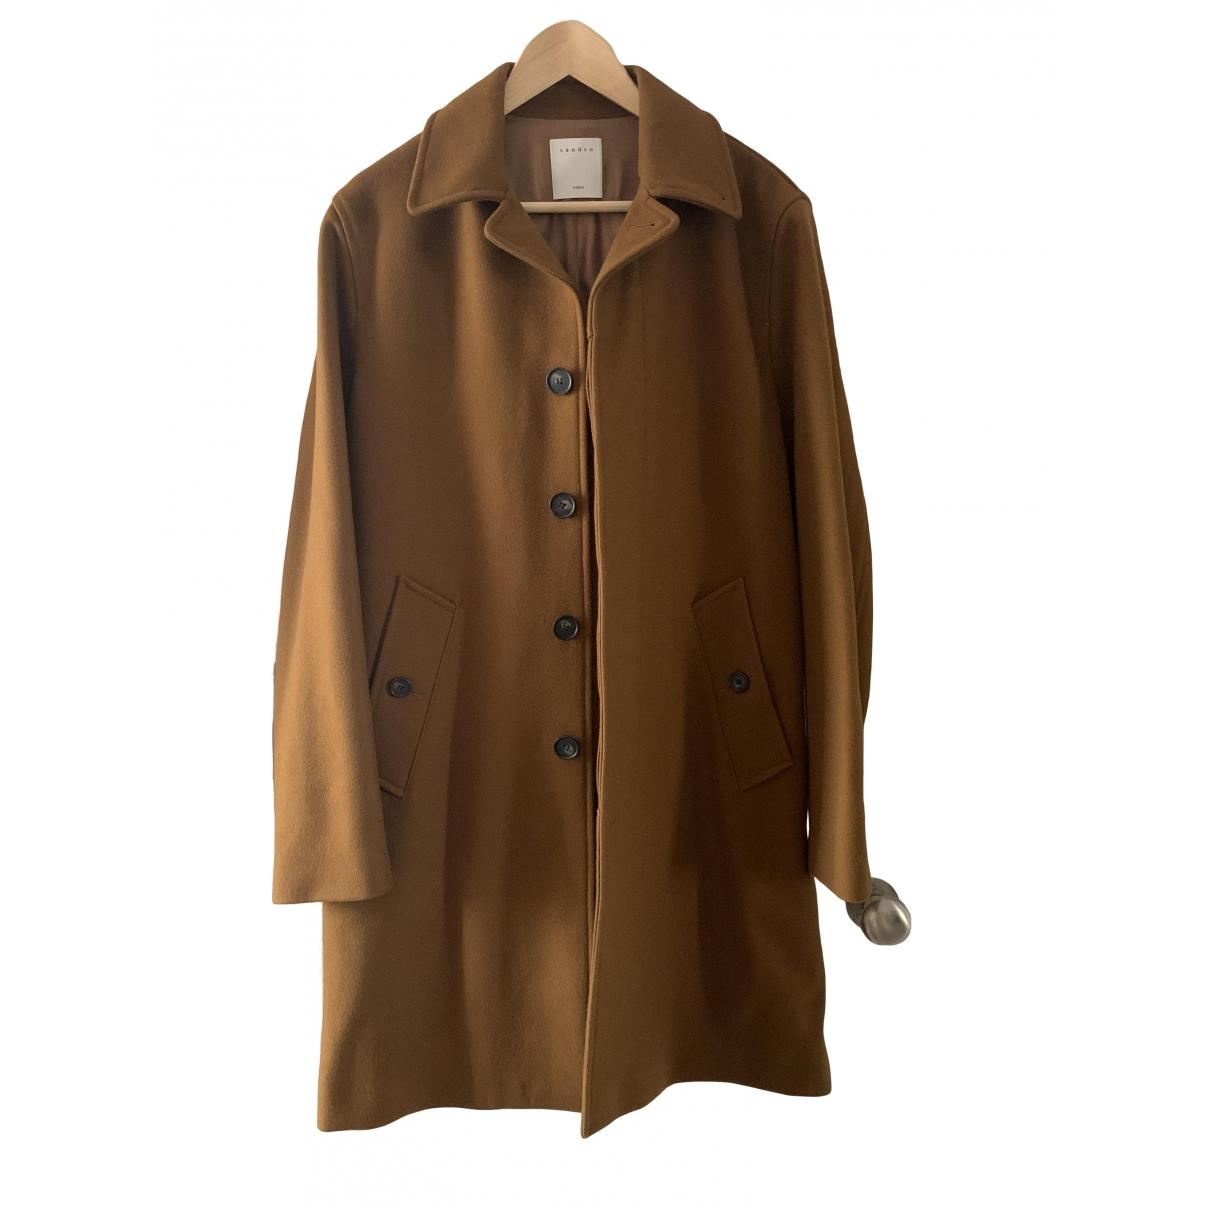 Sandro \N Camel Wool coat  for Men L International